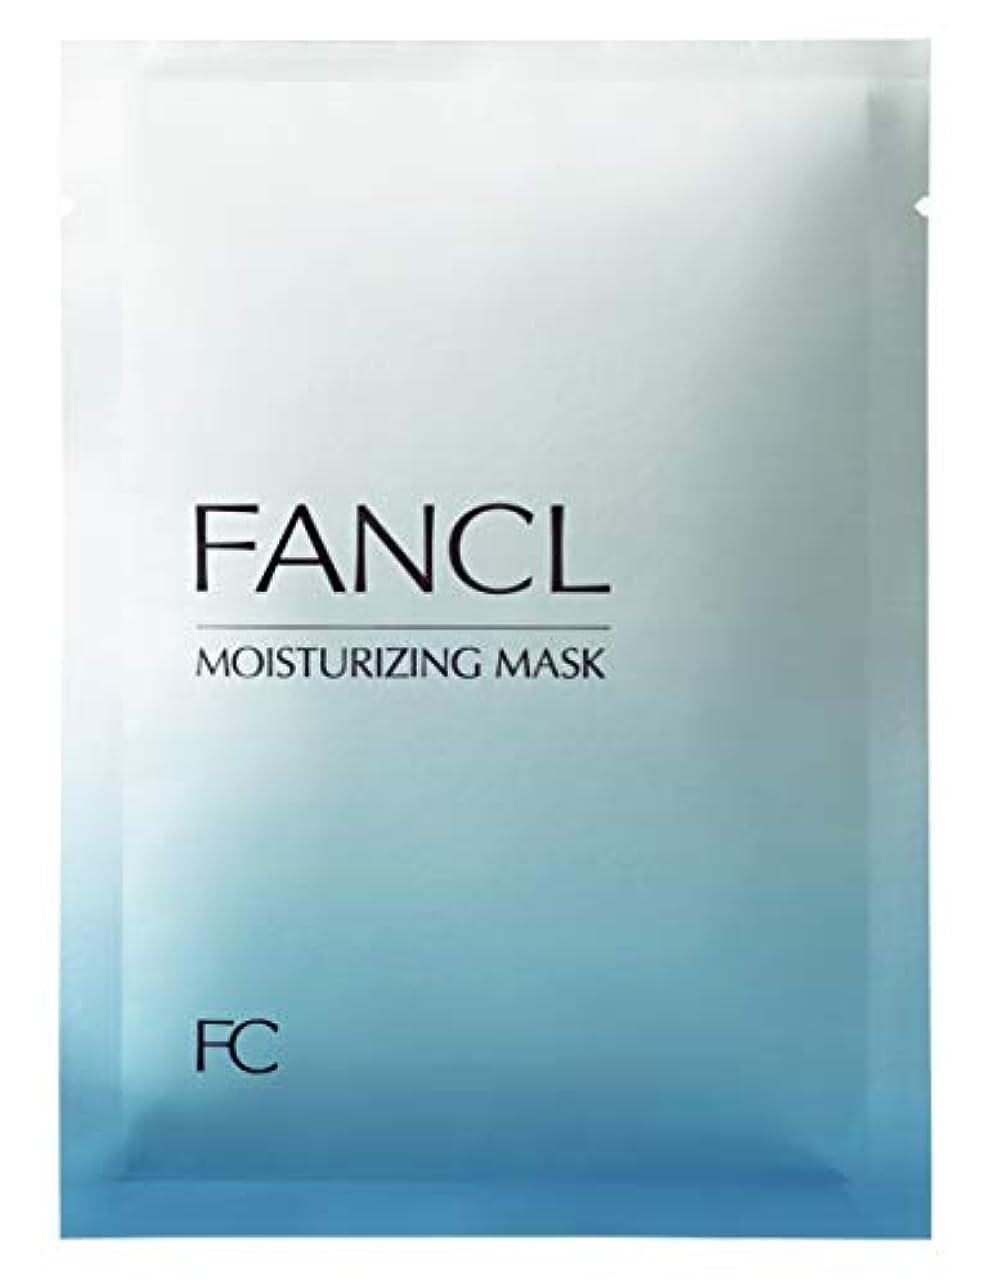 葉っぱ一握り戦士ファンケル (FANCL) モイスチャライジング マスク 6枚セット (18mL×6)